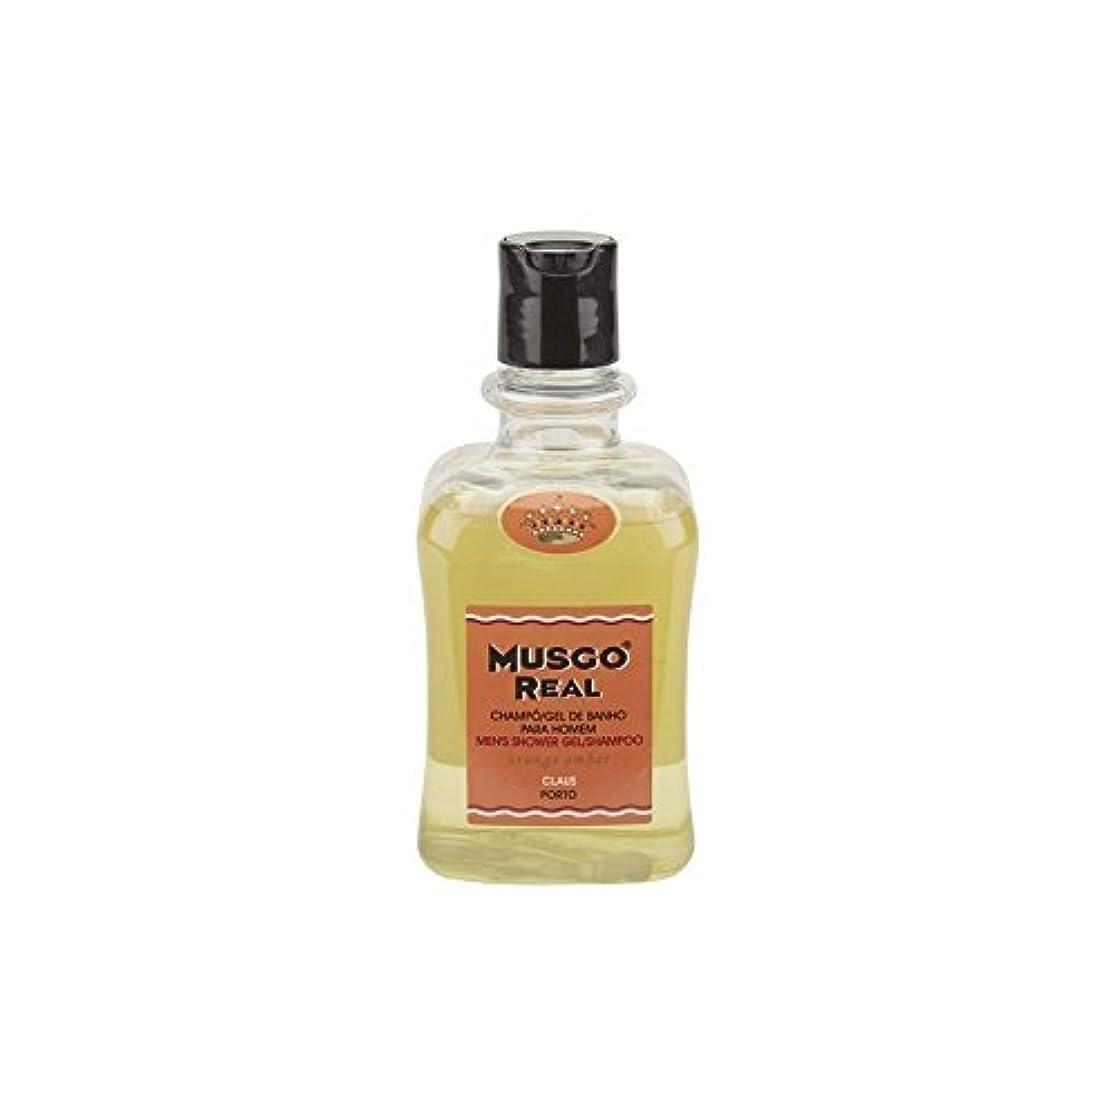 似ているキャンバス不快なシャワージェル - オレンジアンバー x4 - Musgo Shower Gel - Orange Amber (Pack of 4) [並行輸入品]